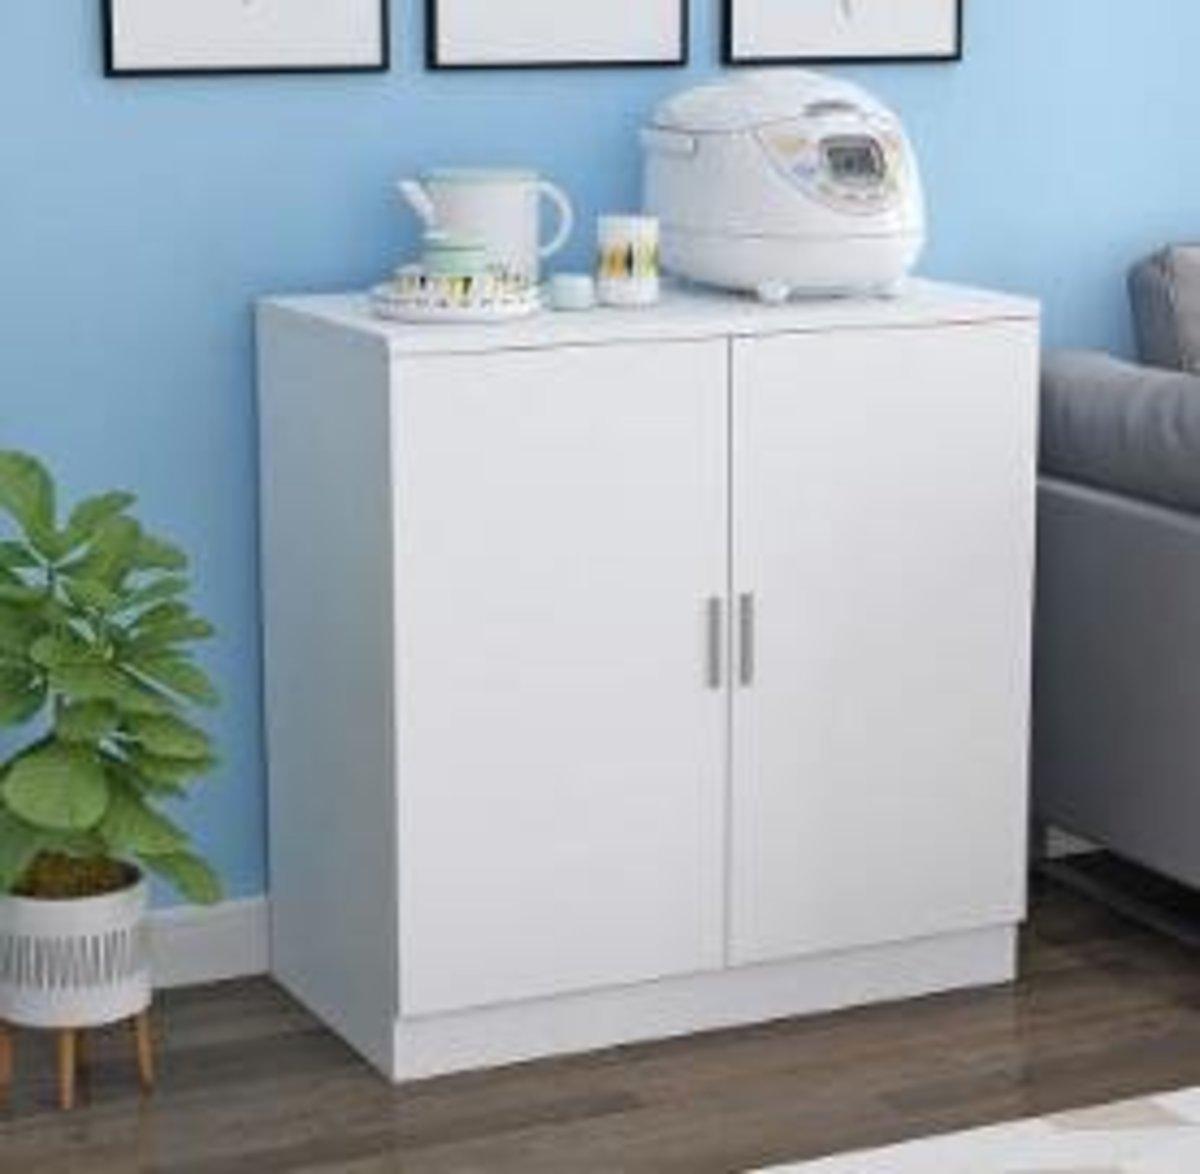 現代簡約收納儲物櫃:暖白色80高80寬40深